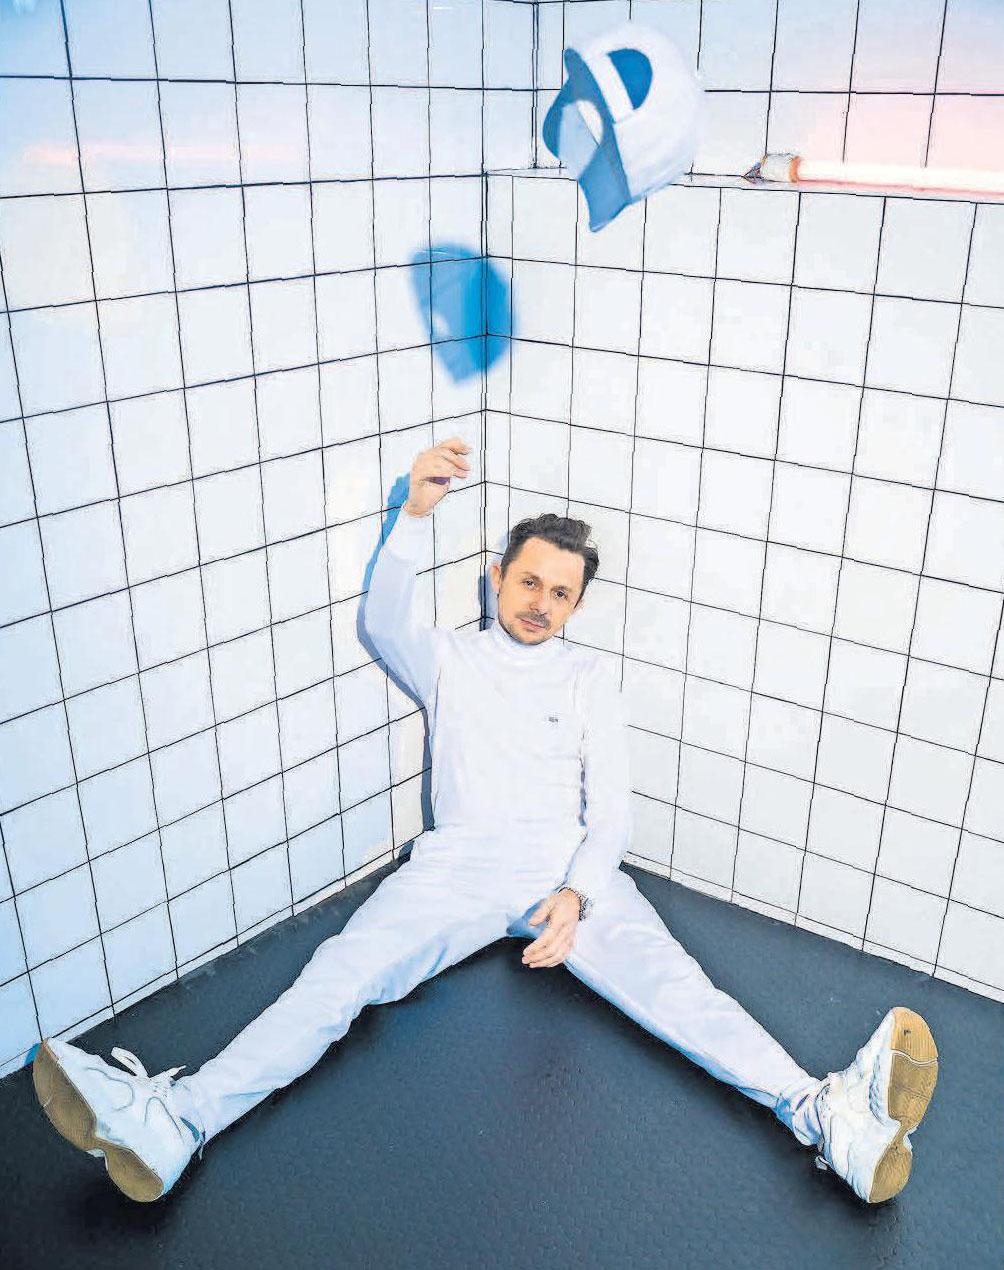 Martin Solveig ist ein Meister seines Fachs und wird von der internationalen Partyszene euphorisch gefeiert. Foto: felipebps@gmail.com